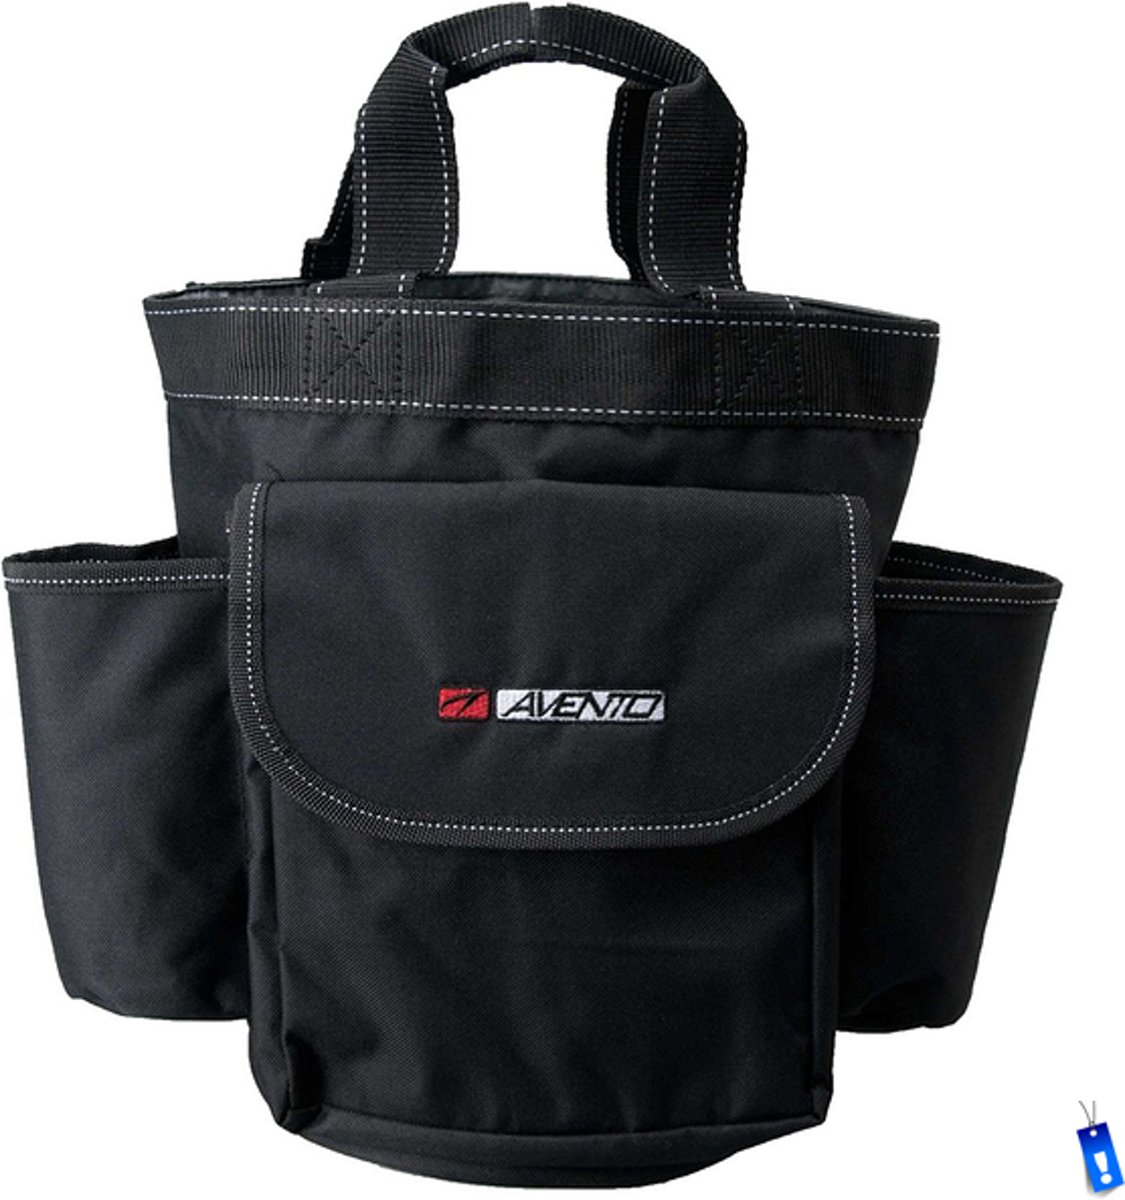 e33565eef9a Waterzak Sport Voetbal - Inclusief 2 Bidons en Spons - 22 x 32 cm - Zwart